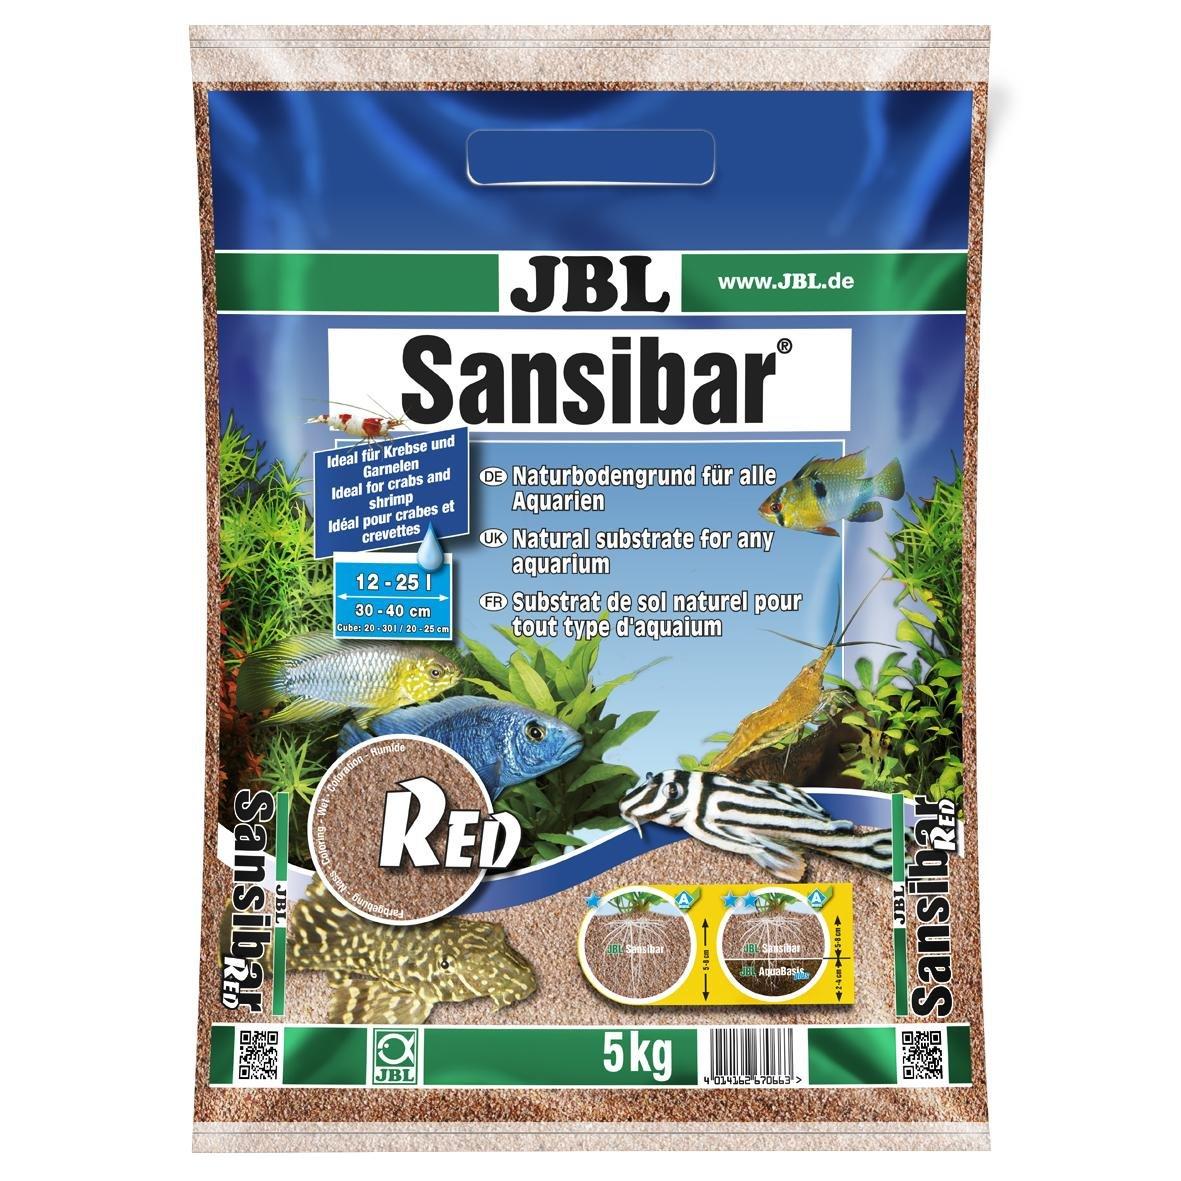 JBL Sansibar ORANGE 5kg - Substrat de sol fin - Couleur orange - Pour aquariums d'eau douce ou d'eau de mer 6706400